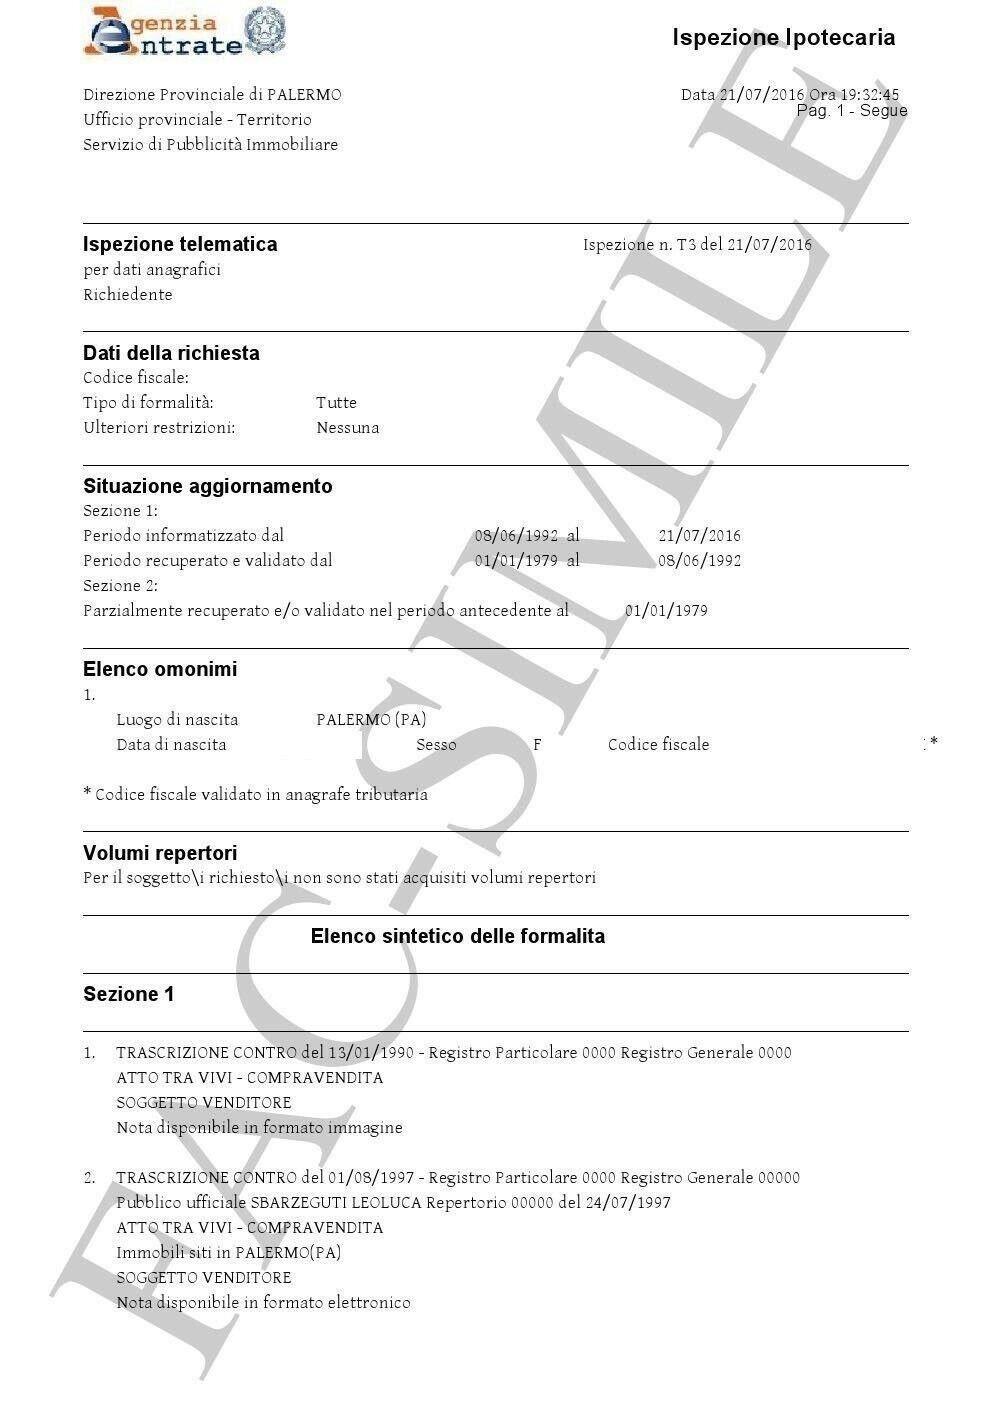 invio per mail VISURA ISPEZIONE IPOTECARIA Ufficiale Agenzia delle Entrate